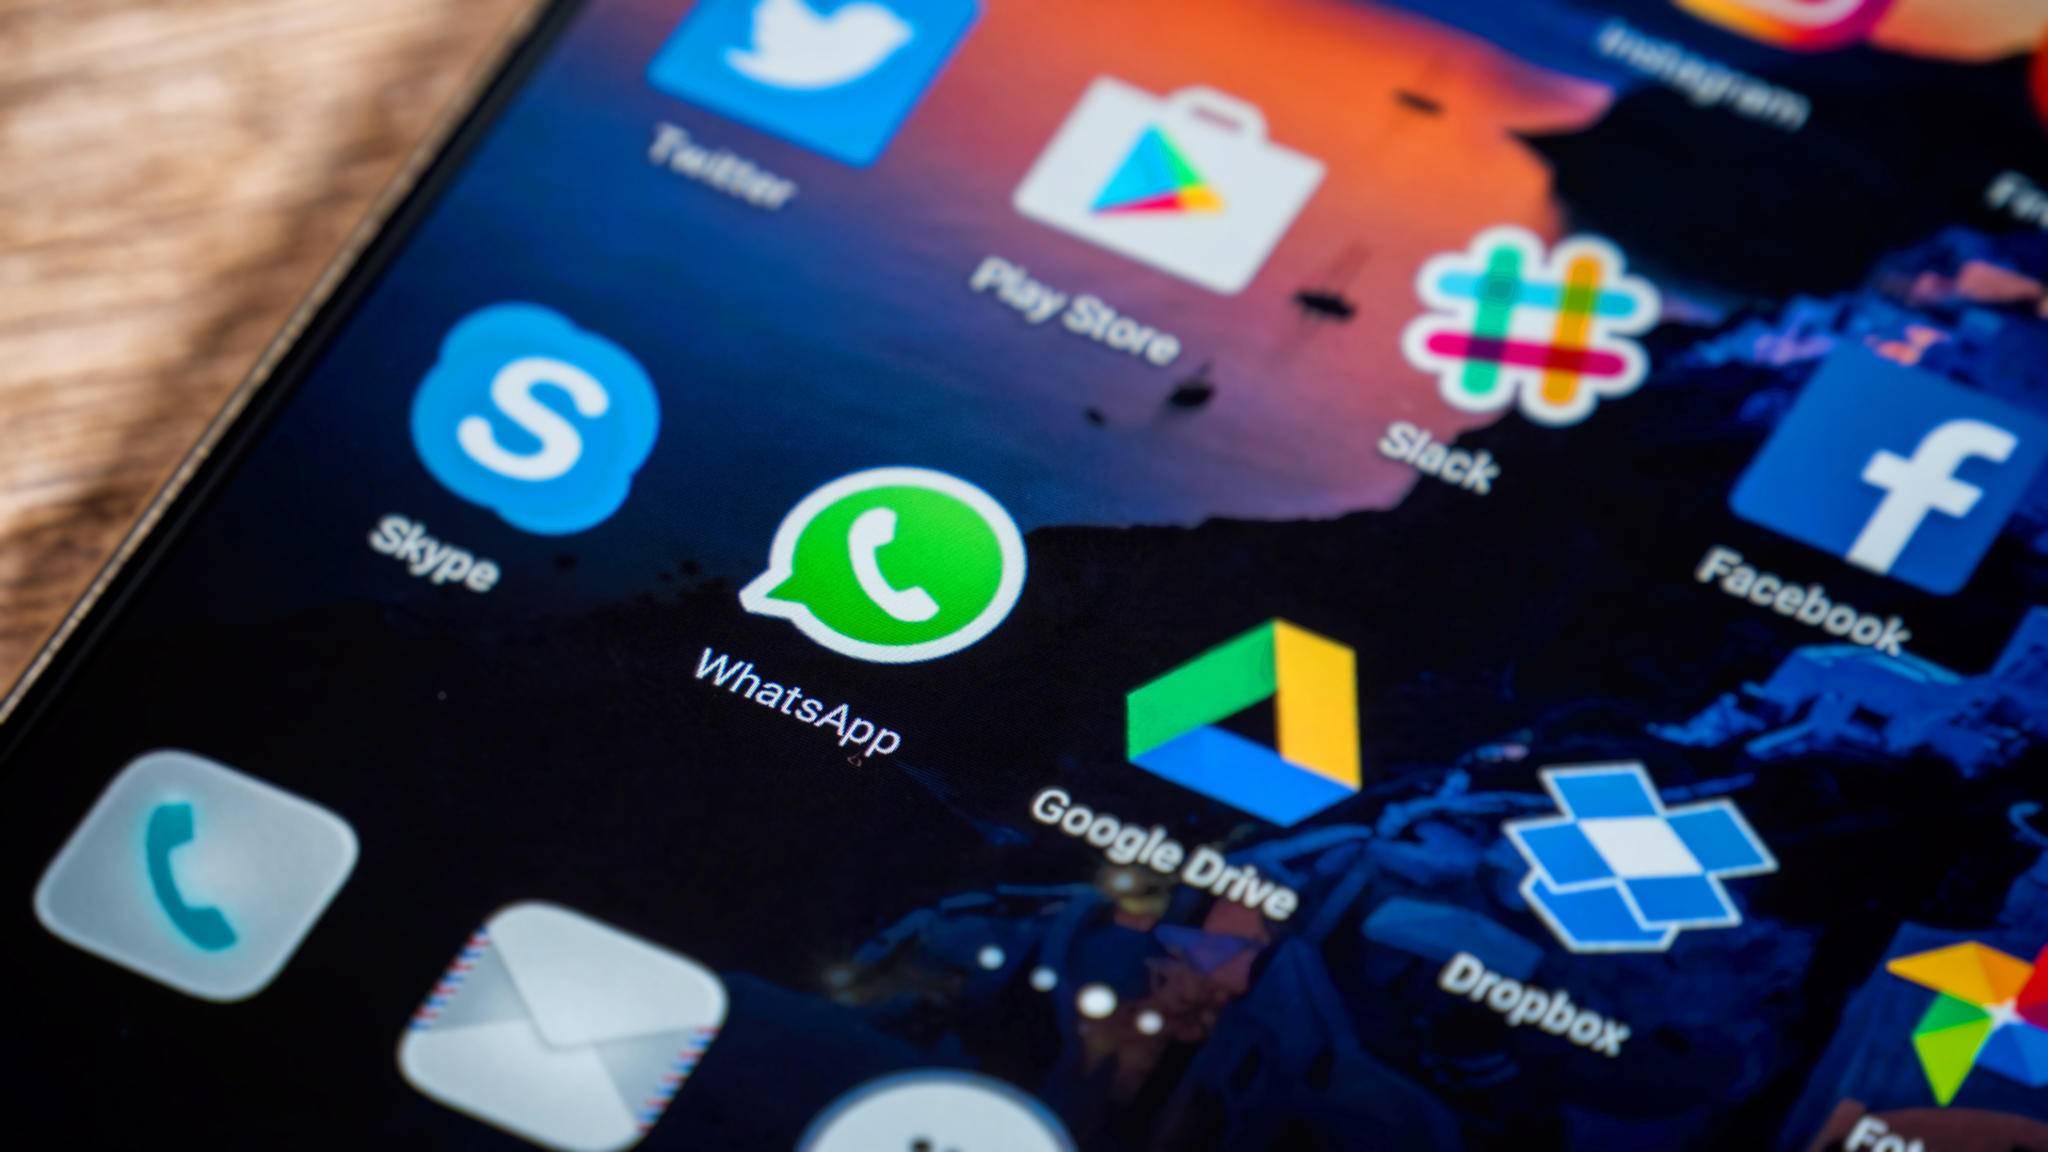 Grüne Häkchen: WhatsApp erhält verifizierte Unternehmens-Accounts